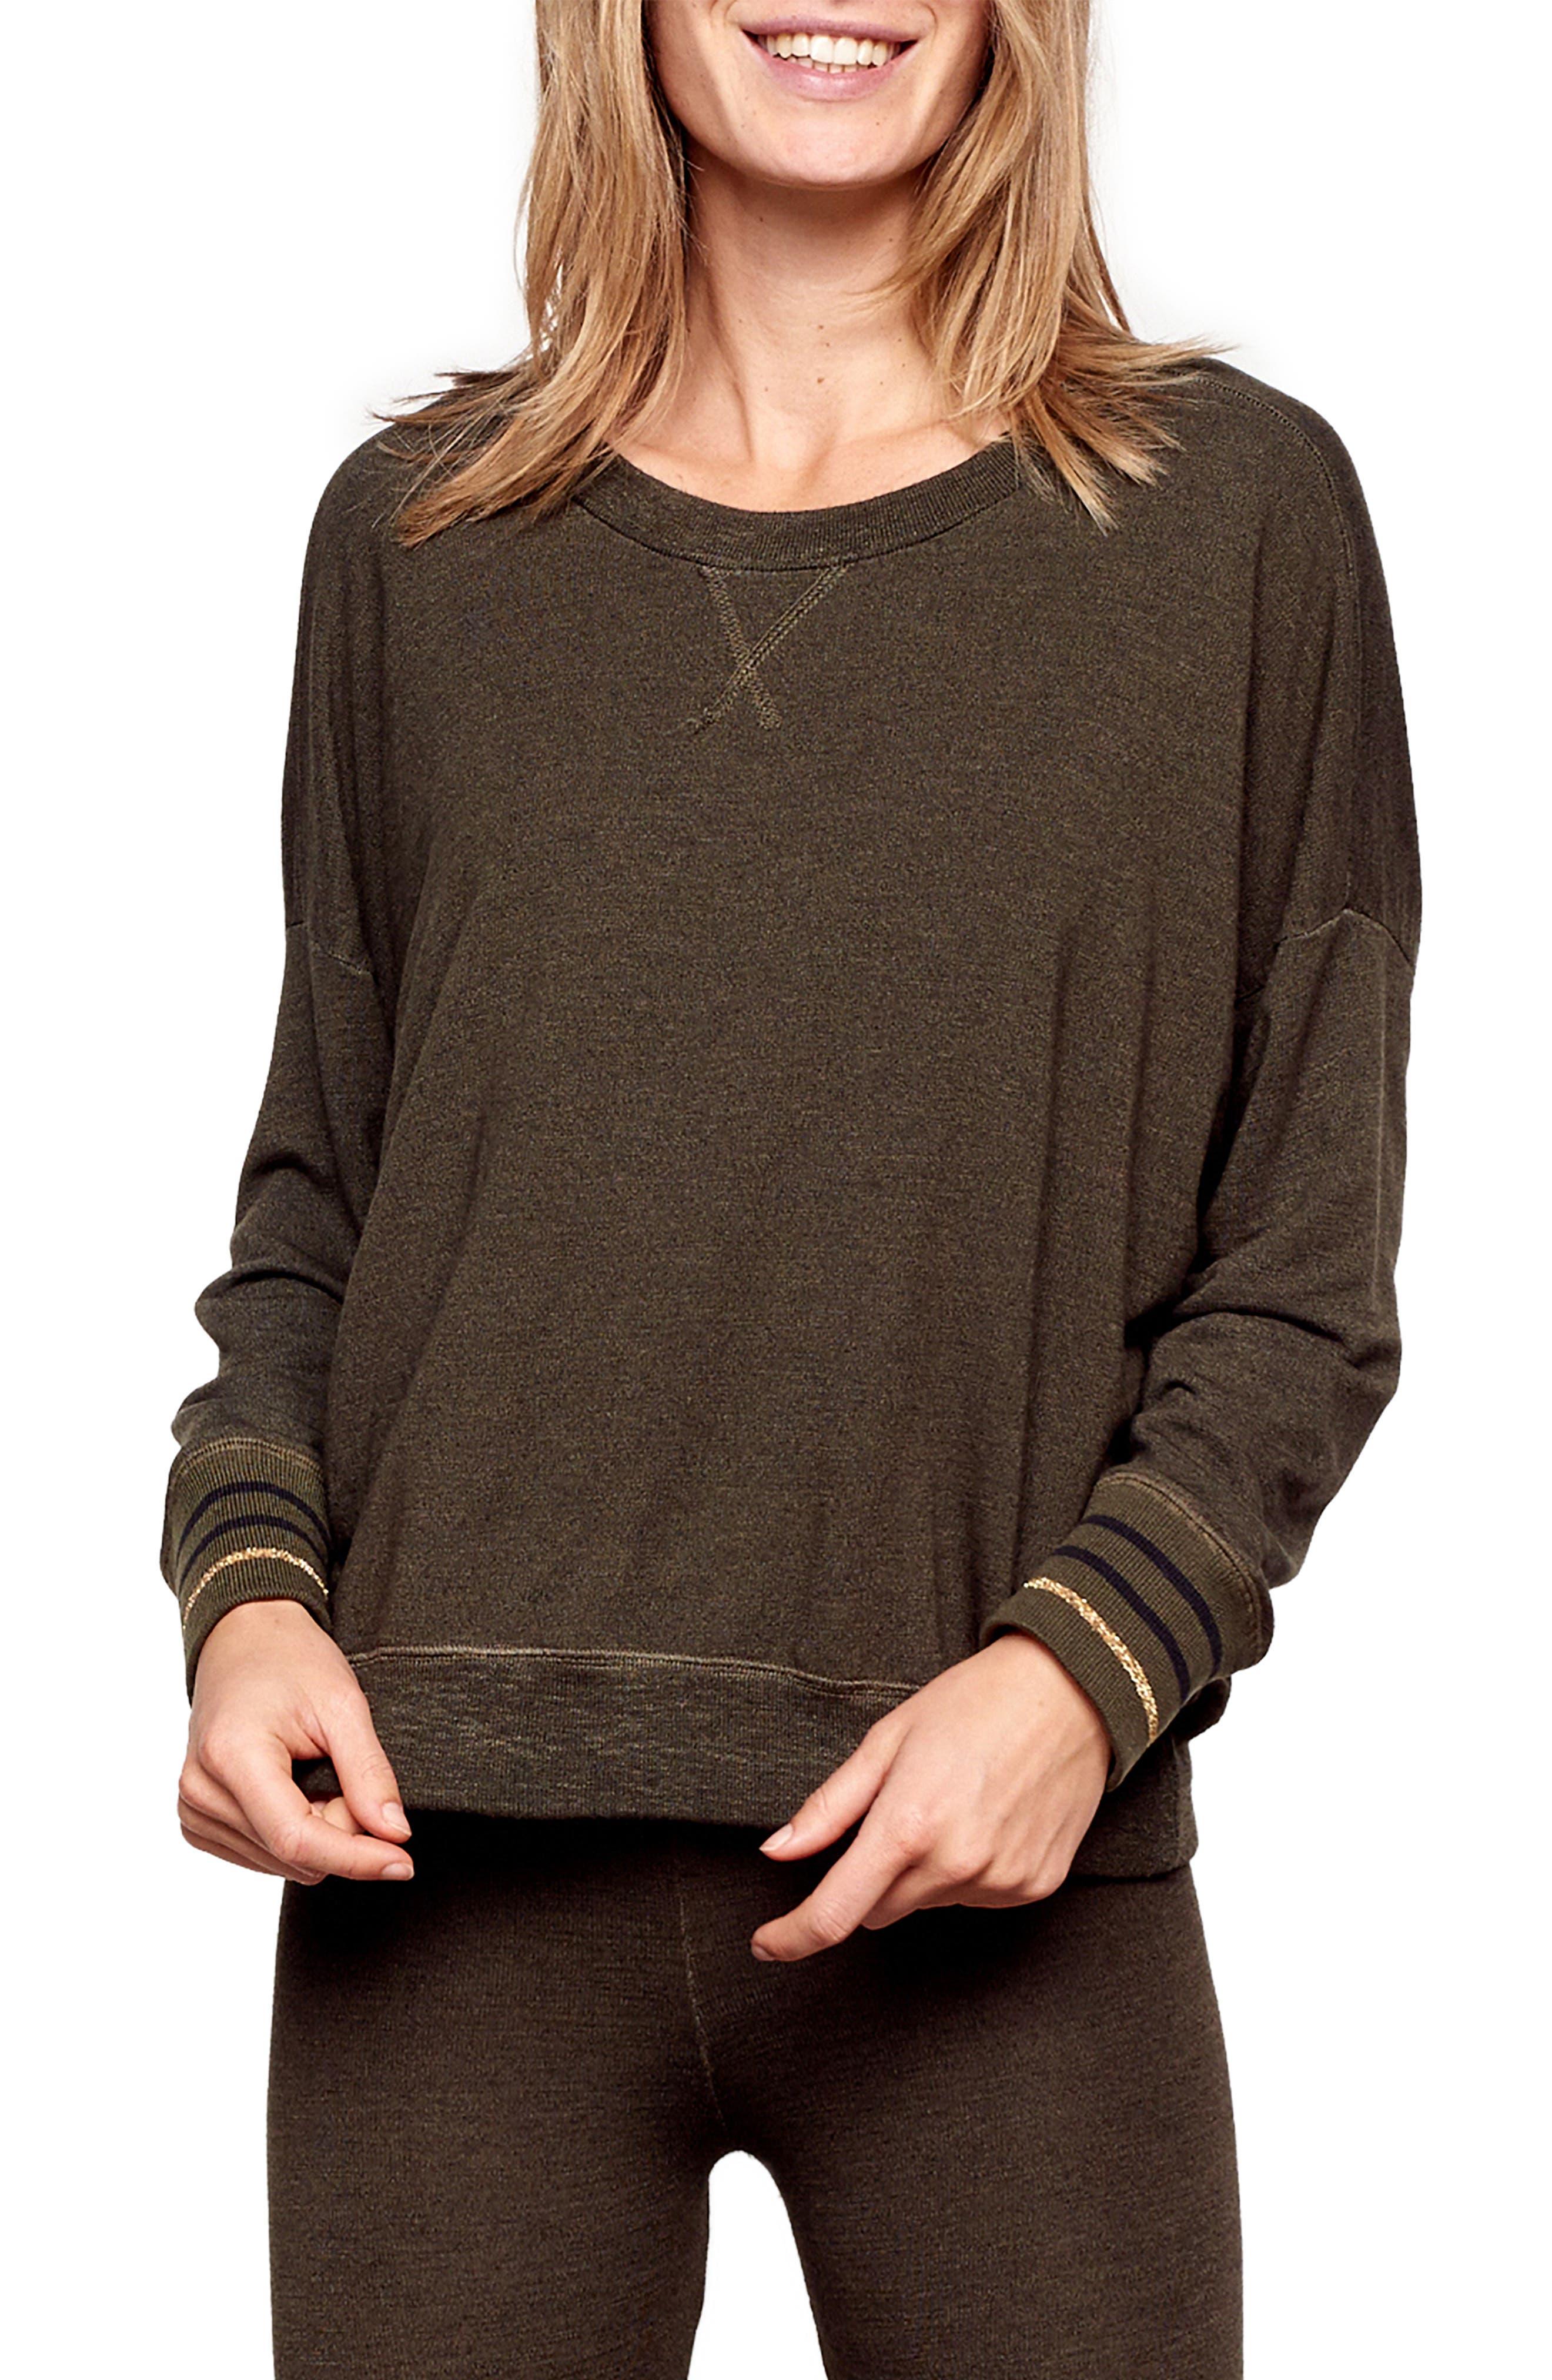 Bubble Sweatshirt,                             Main thumbnail 1, color,                             PINE